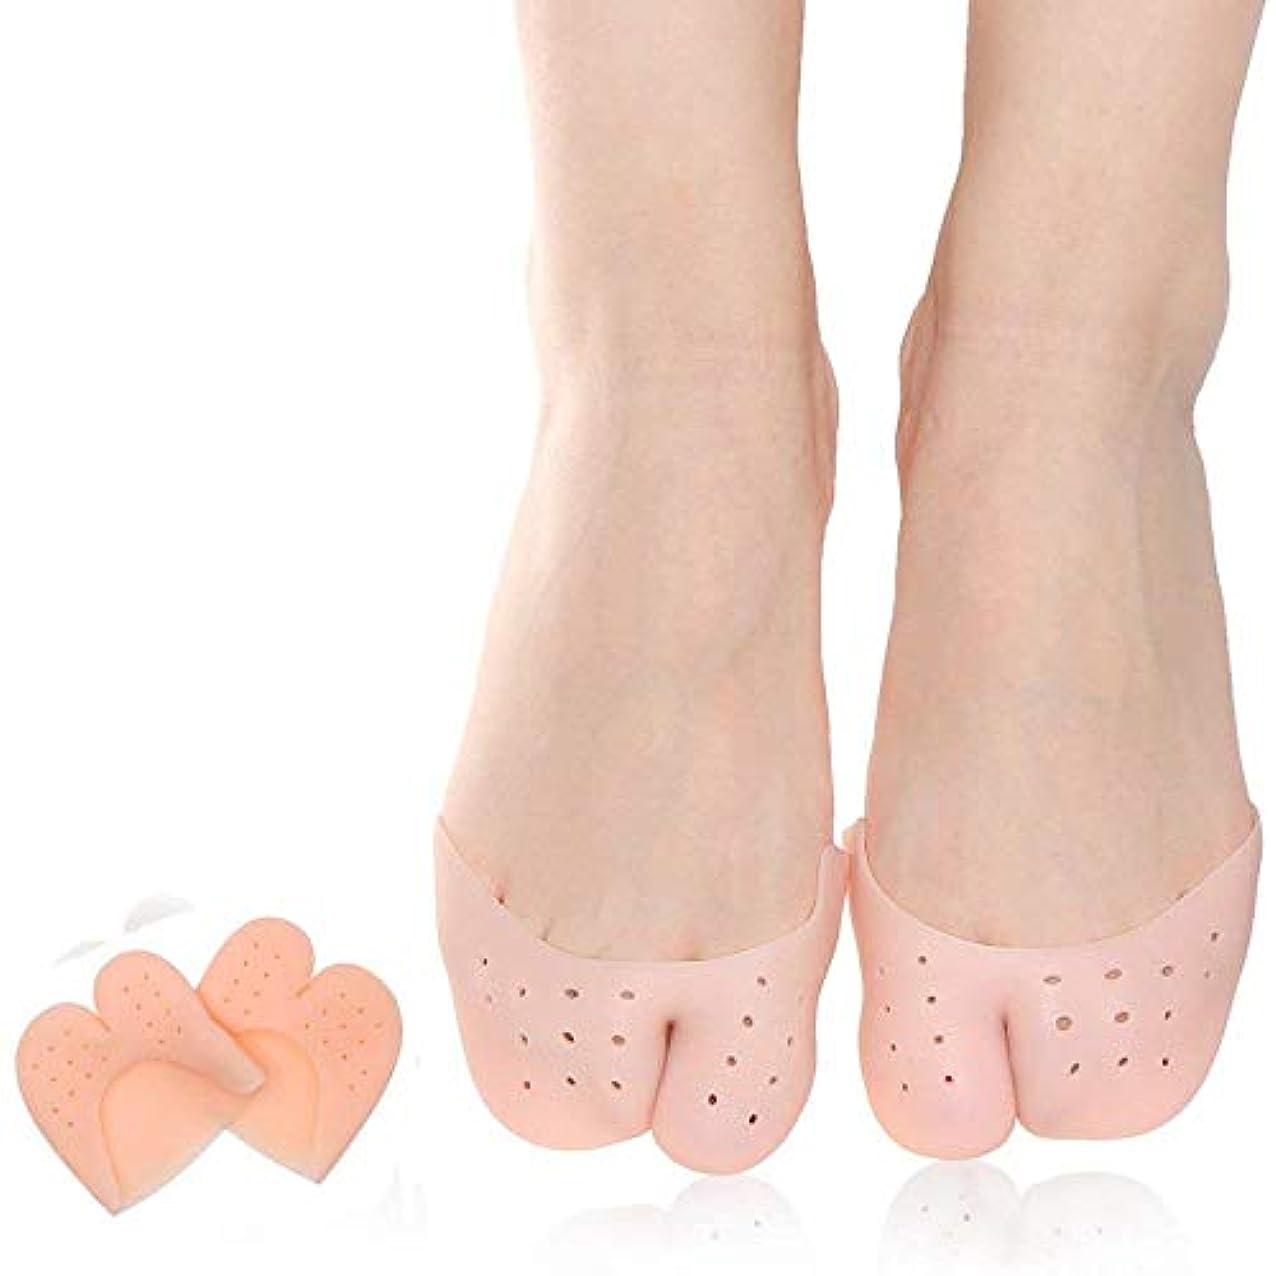 アピール対人相対的[Toe Glow] つま先保護カバー 足指 サポーター パッド 肌色